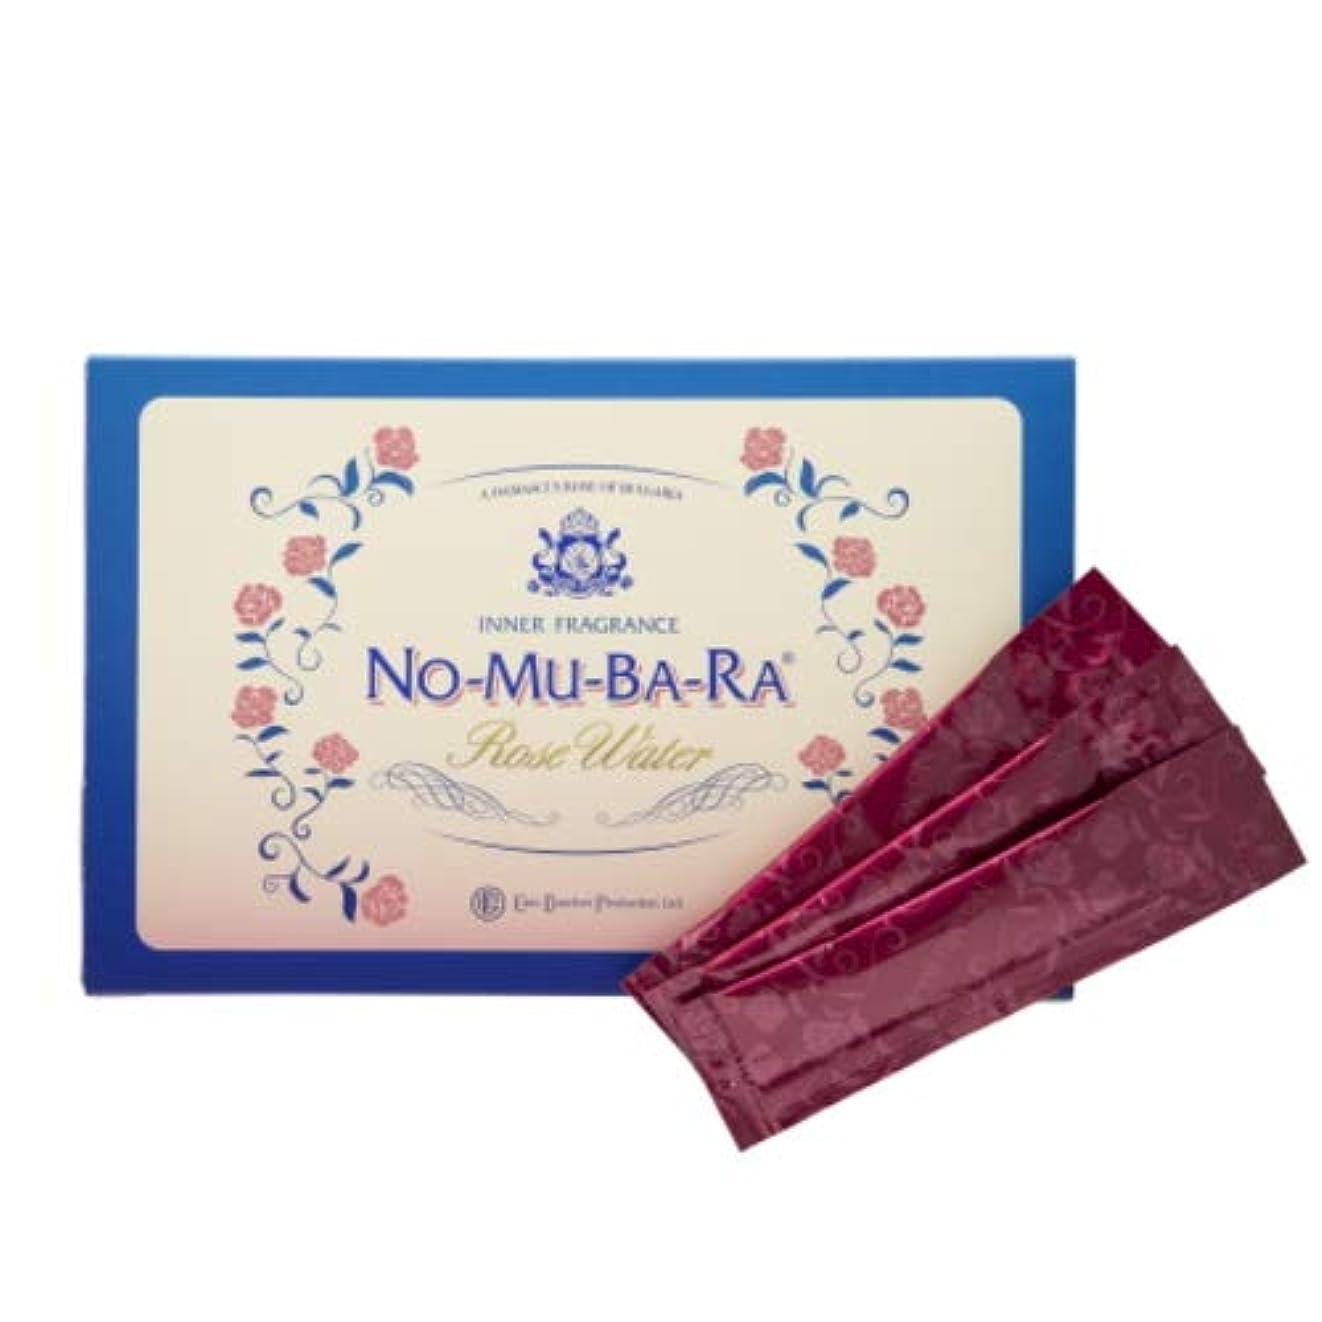 逮捕スチュワーデス素敵なNO-MU-BA-RA NO-MU-BA-RA(ノムバラ)(35包入)【モンドセレクション受賞】